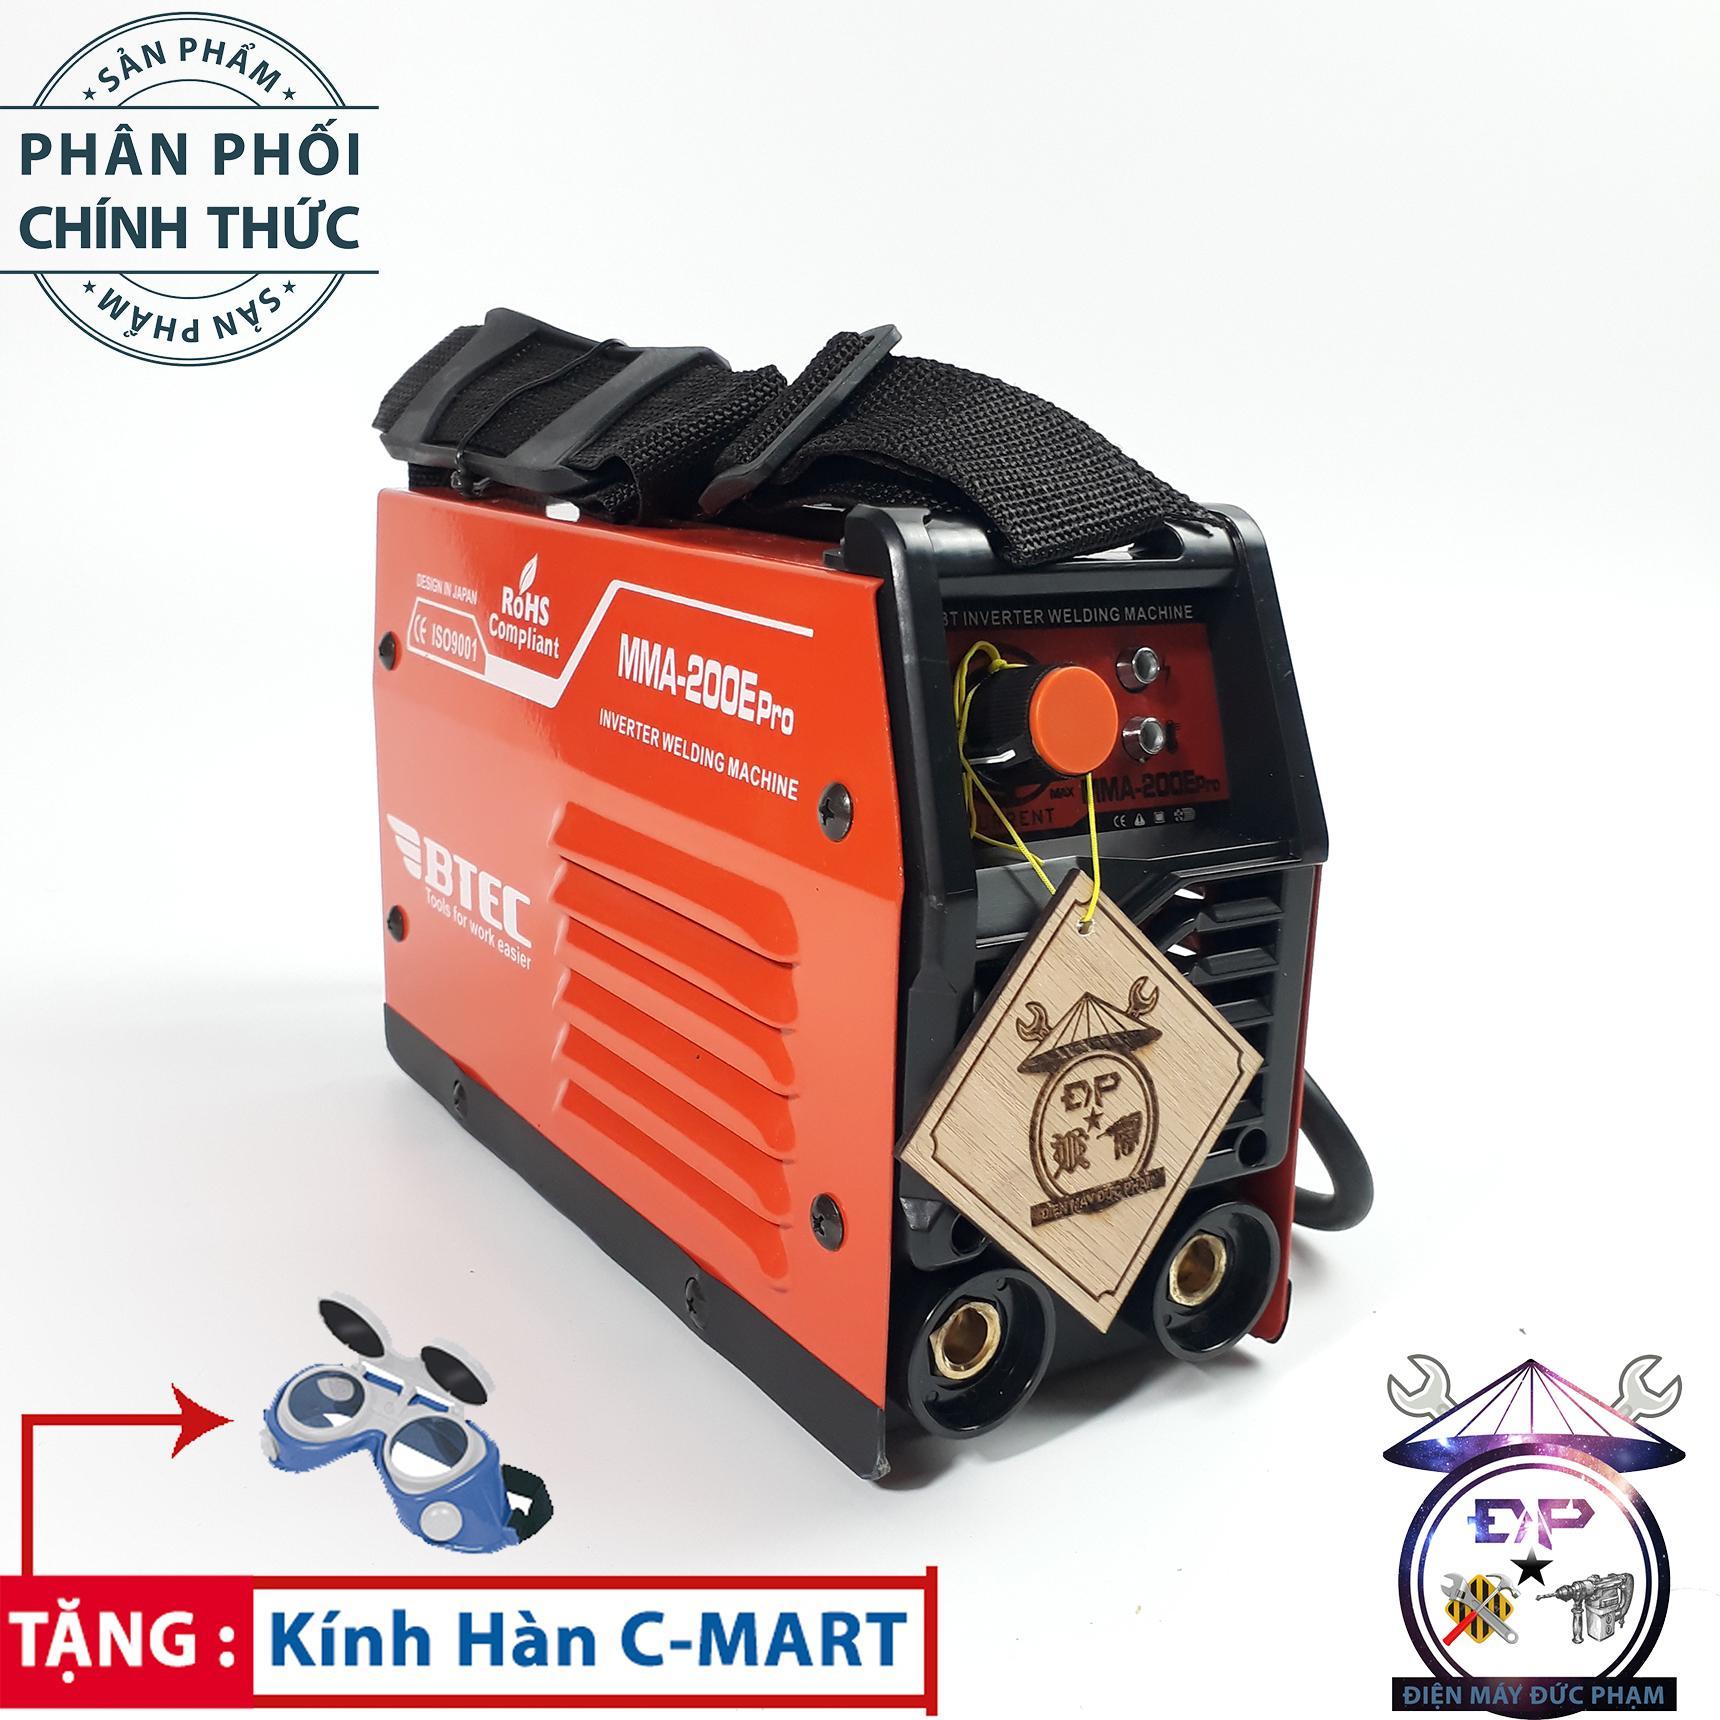 Máy Hàn điện tử mini gia đình inventer BTEC MMA-200E Pro ( xác nhỏ )